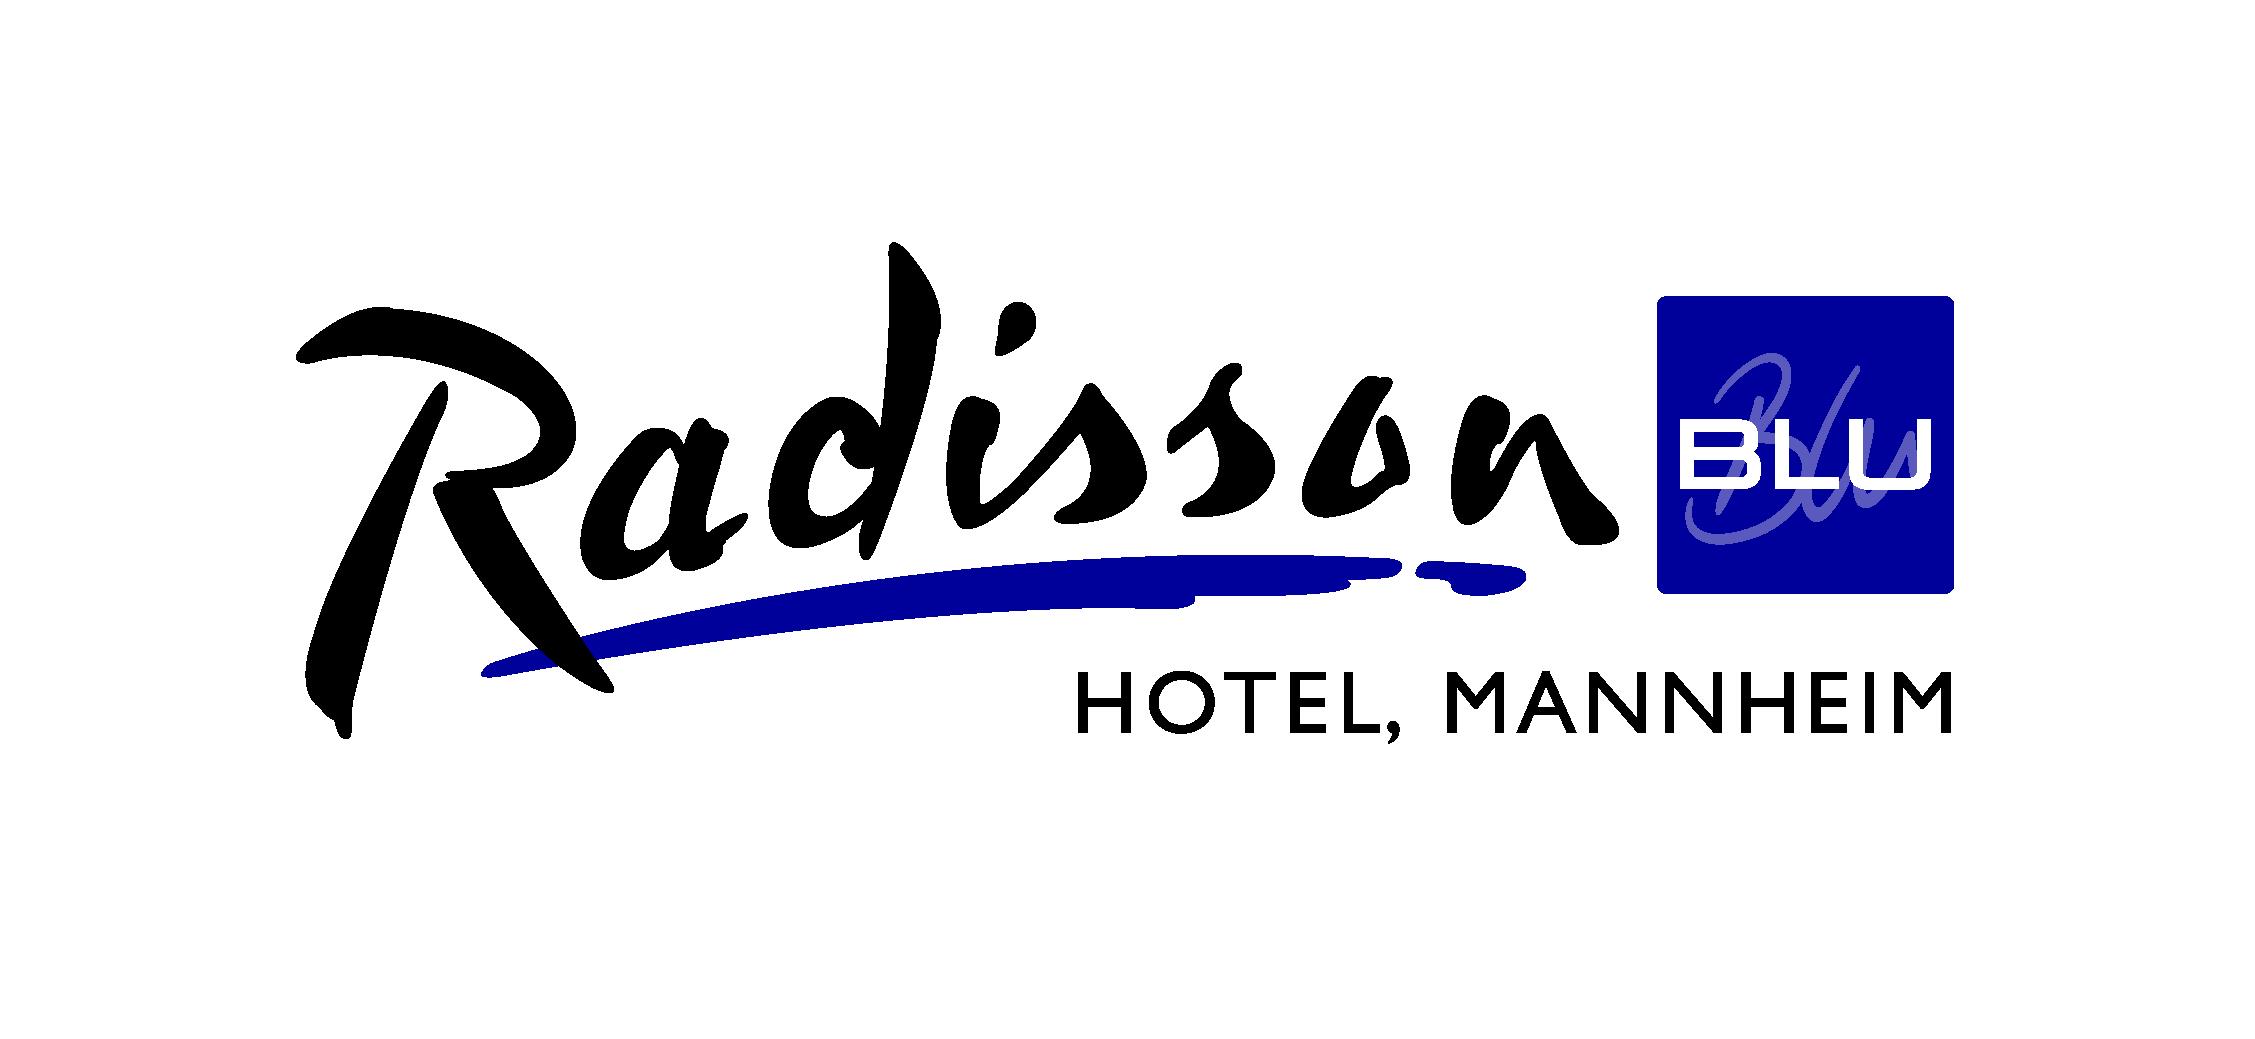 LOGO Radisson Blu Hotel Mannheim